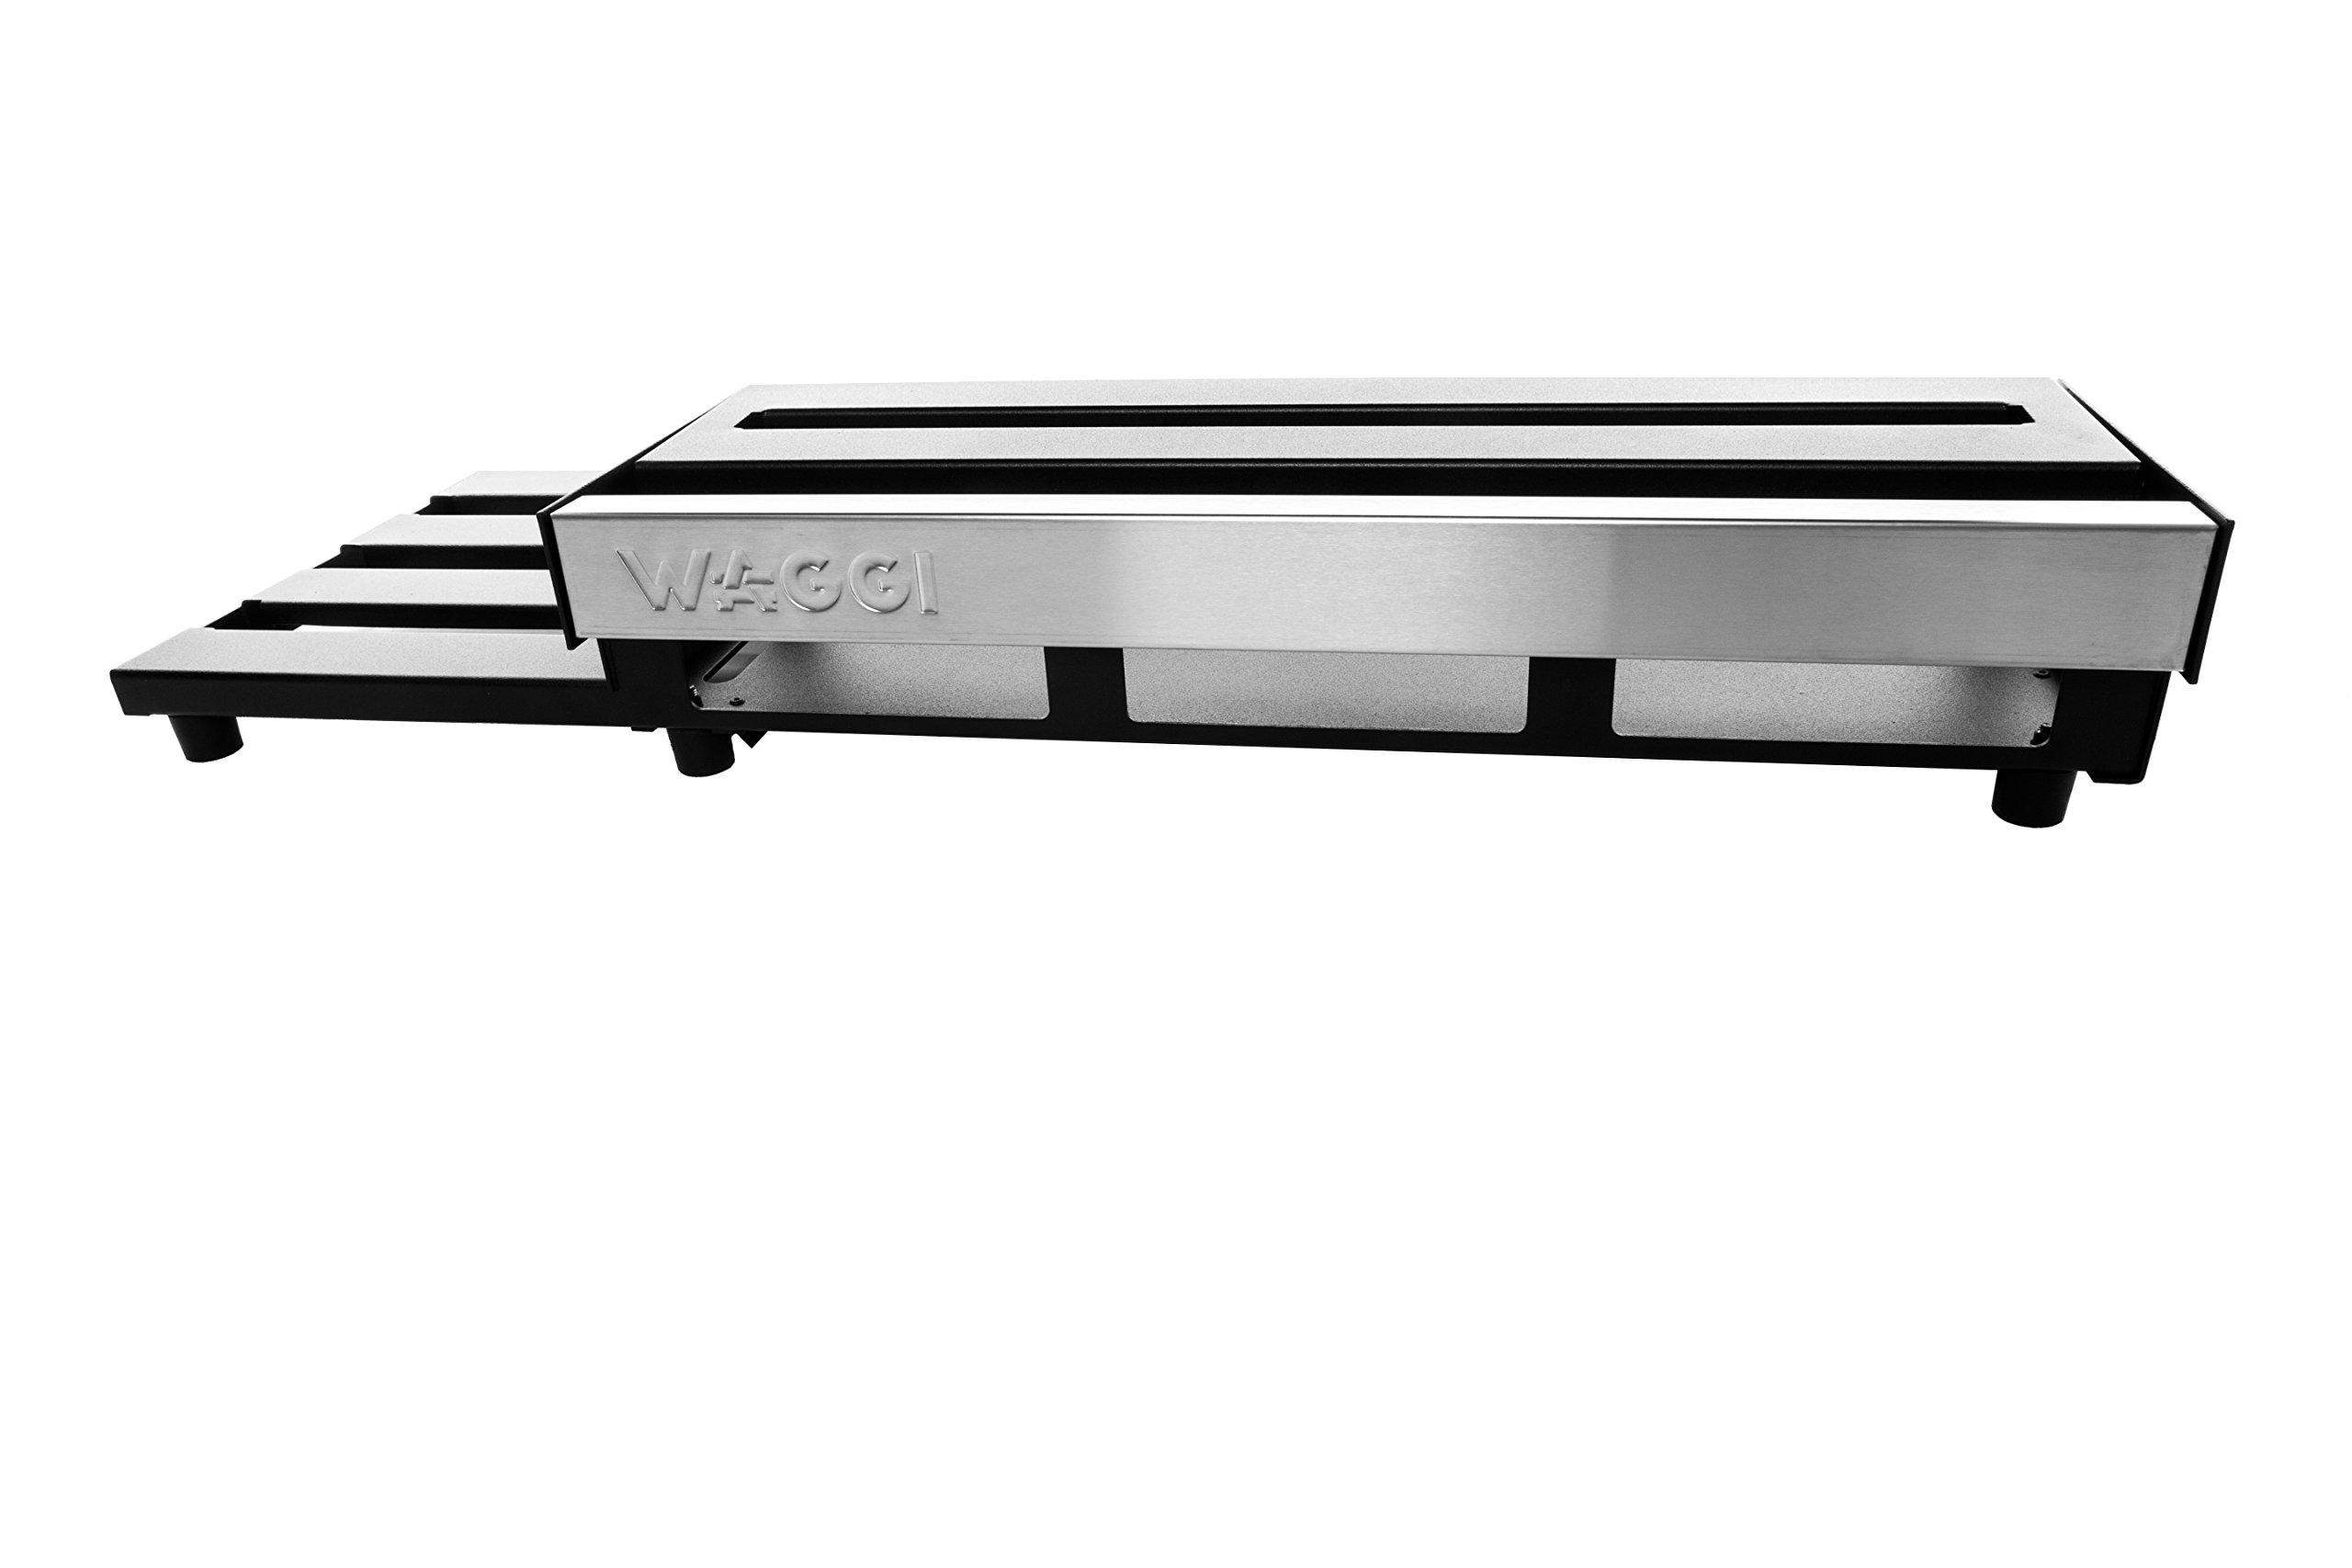 Waggi Guitar Pedalboards (W34)